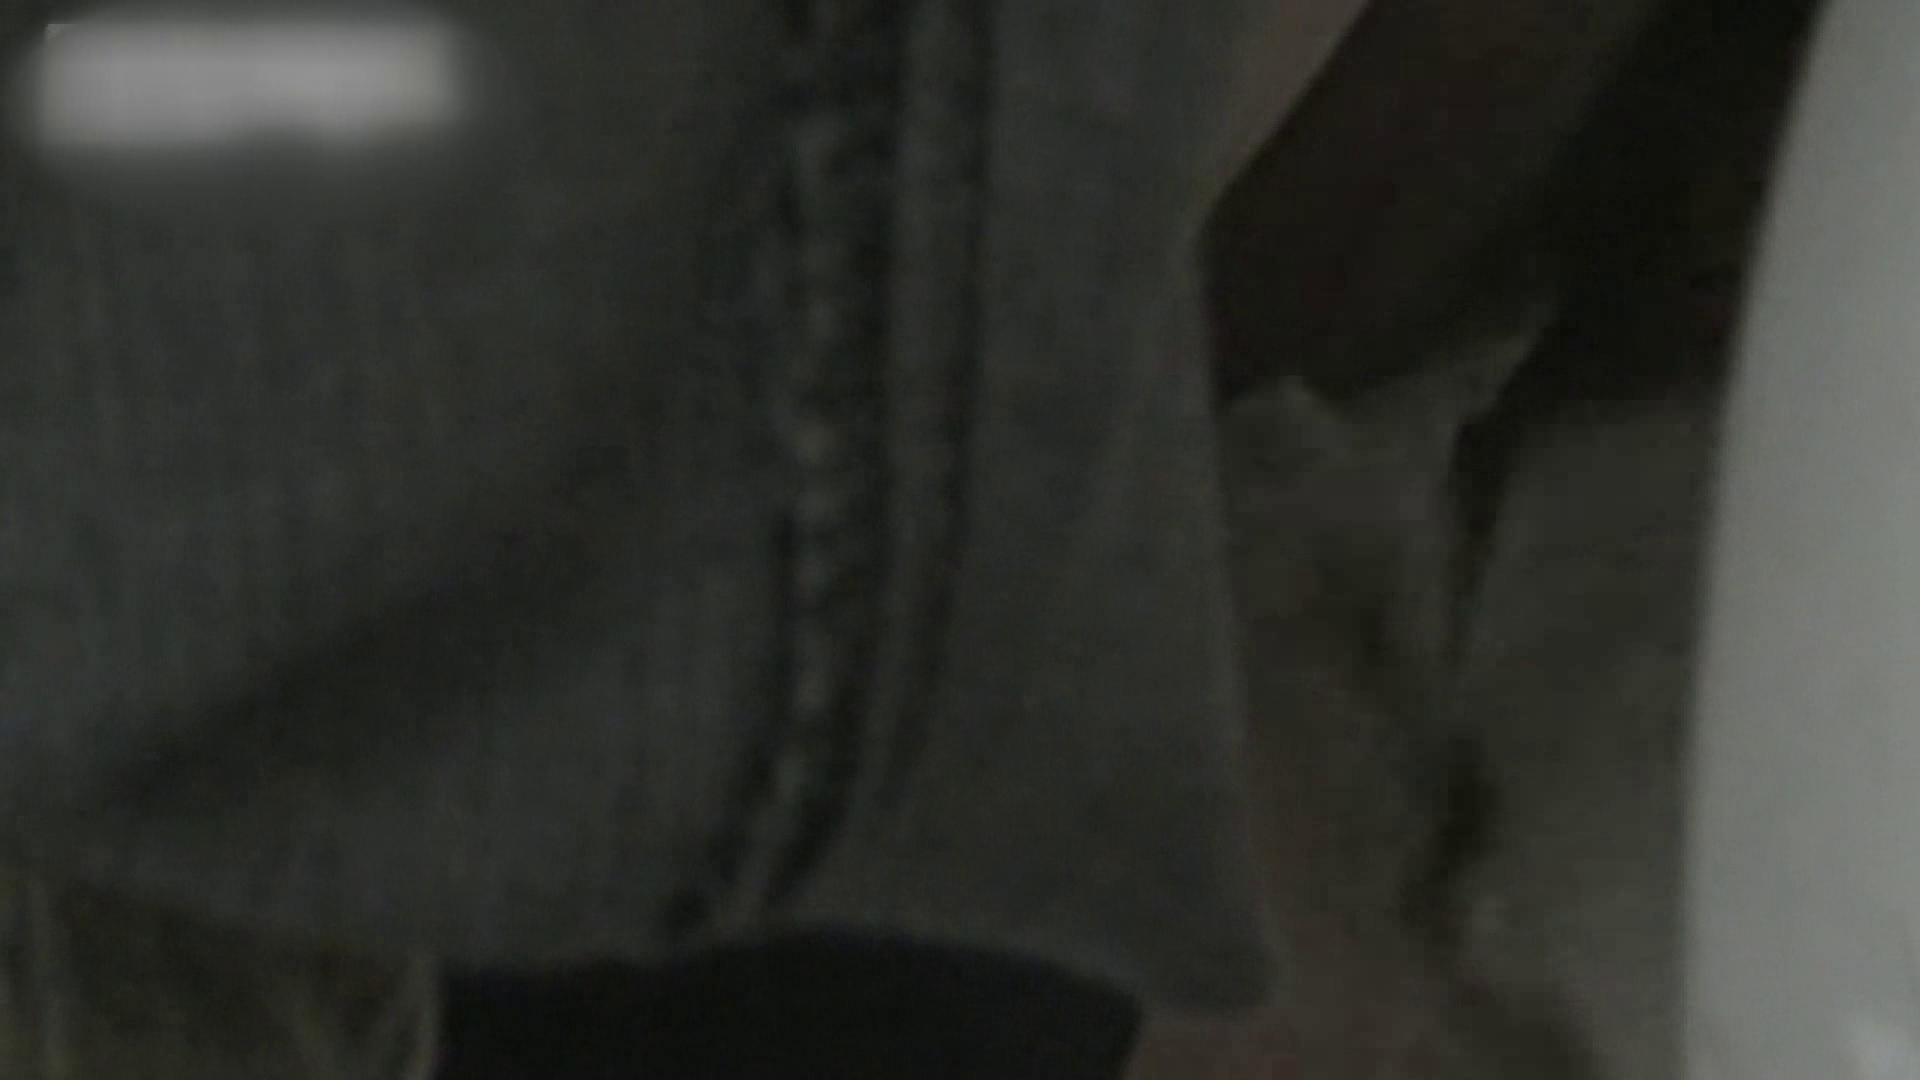 ロックハンドさんの盗撮記録File.61 オマンコギャル 性交動画流出 89連発 36